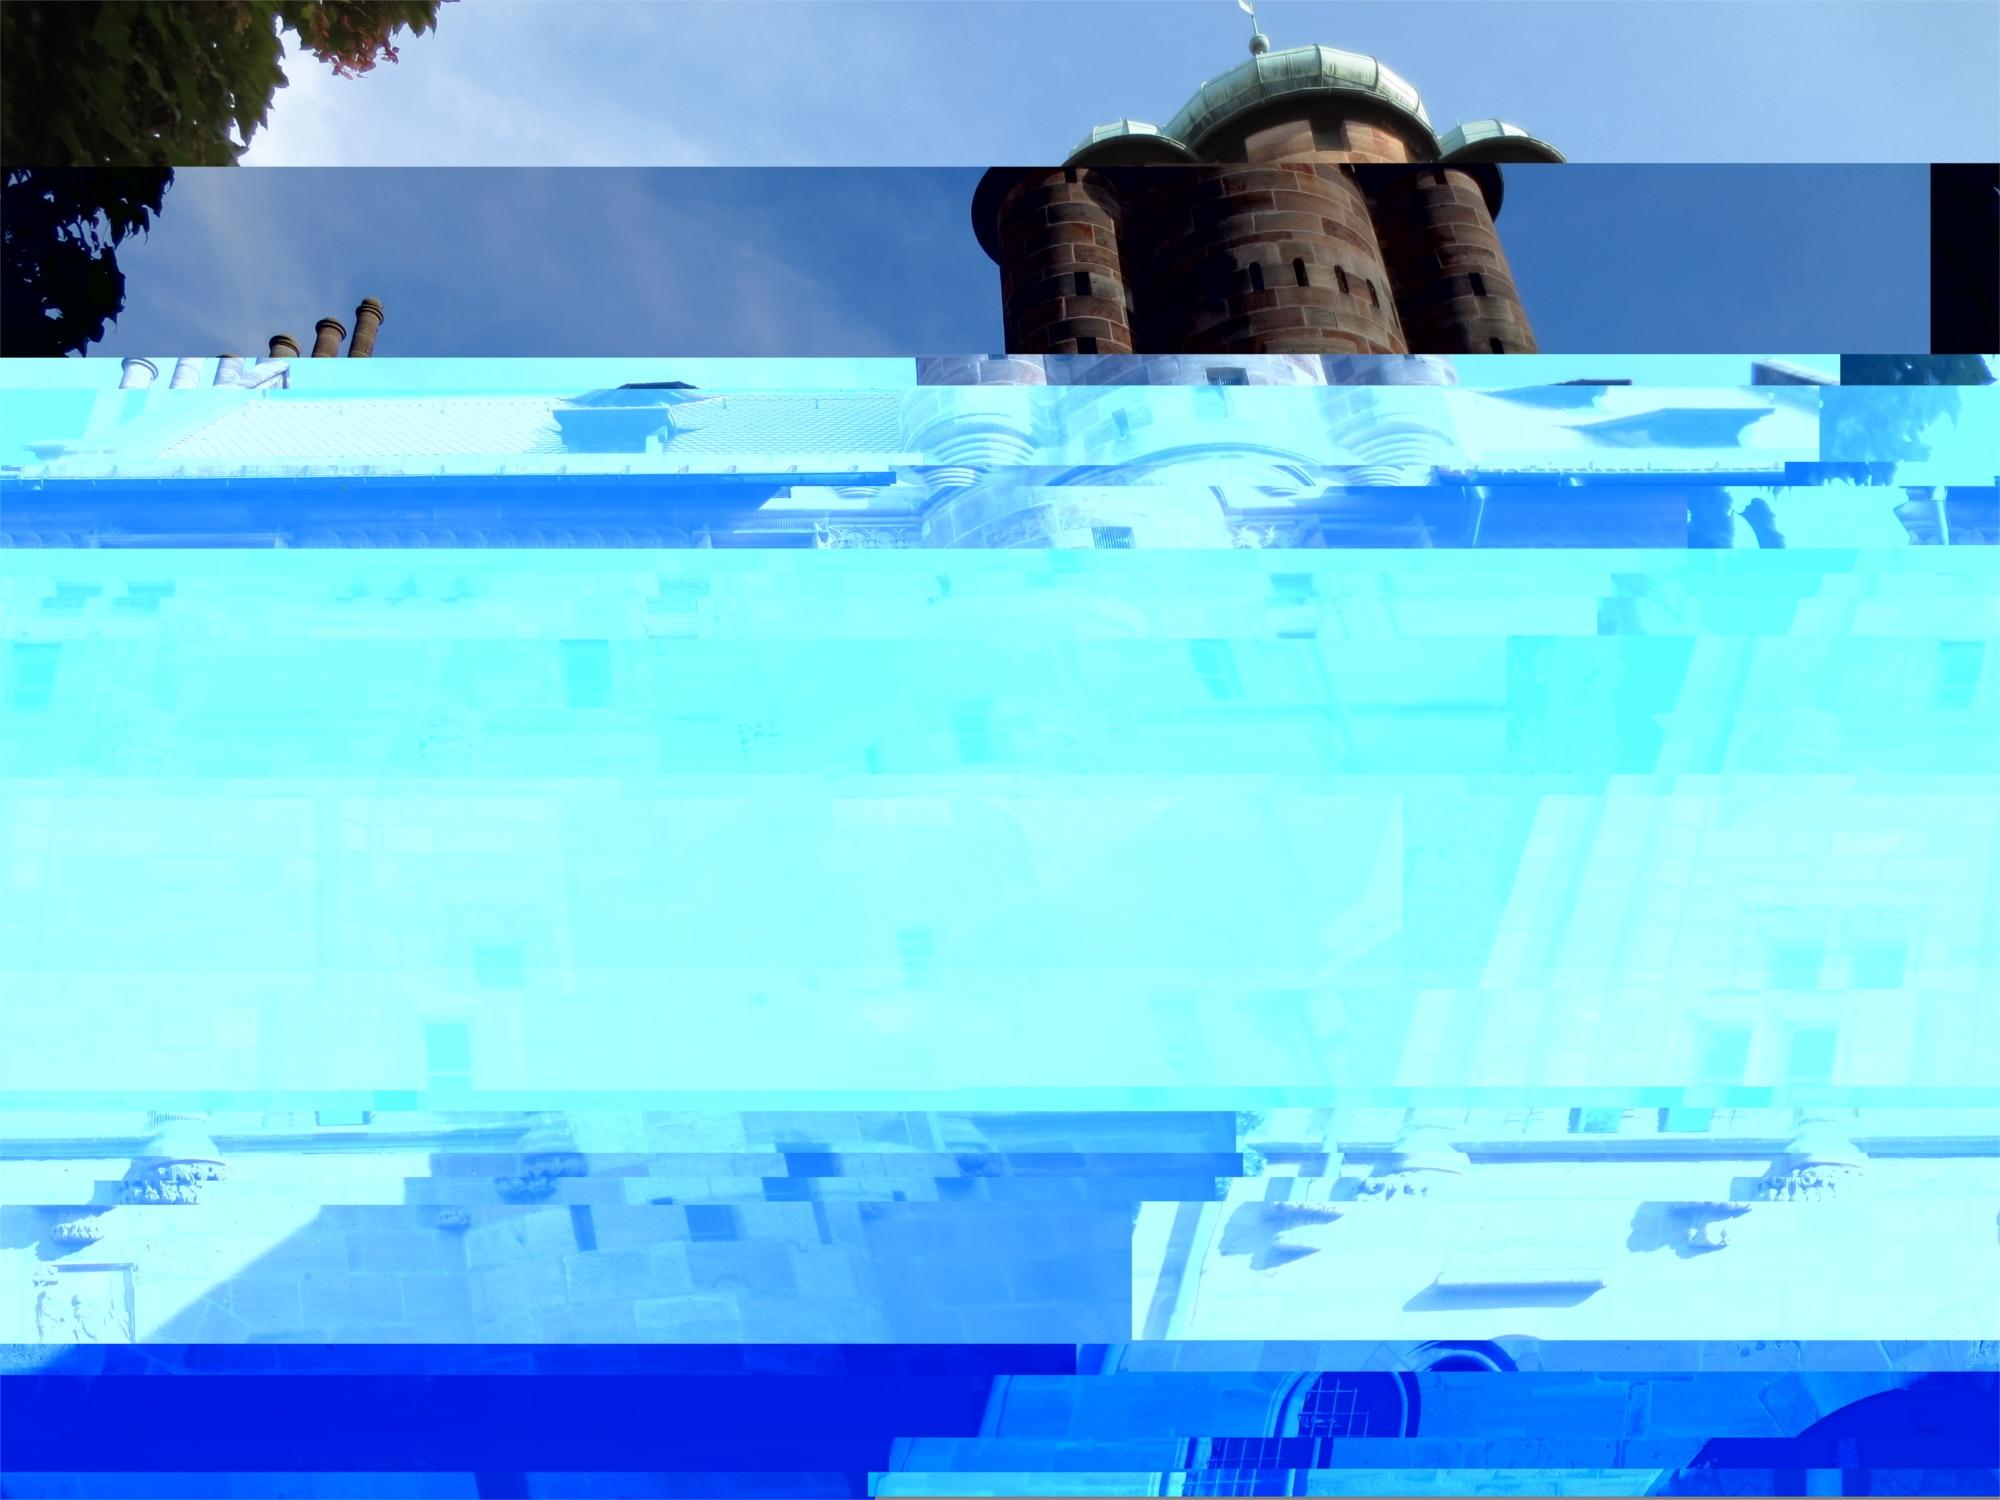 JPEG-Bild mit Artefakten, die durch Datenverlust entstanden sind